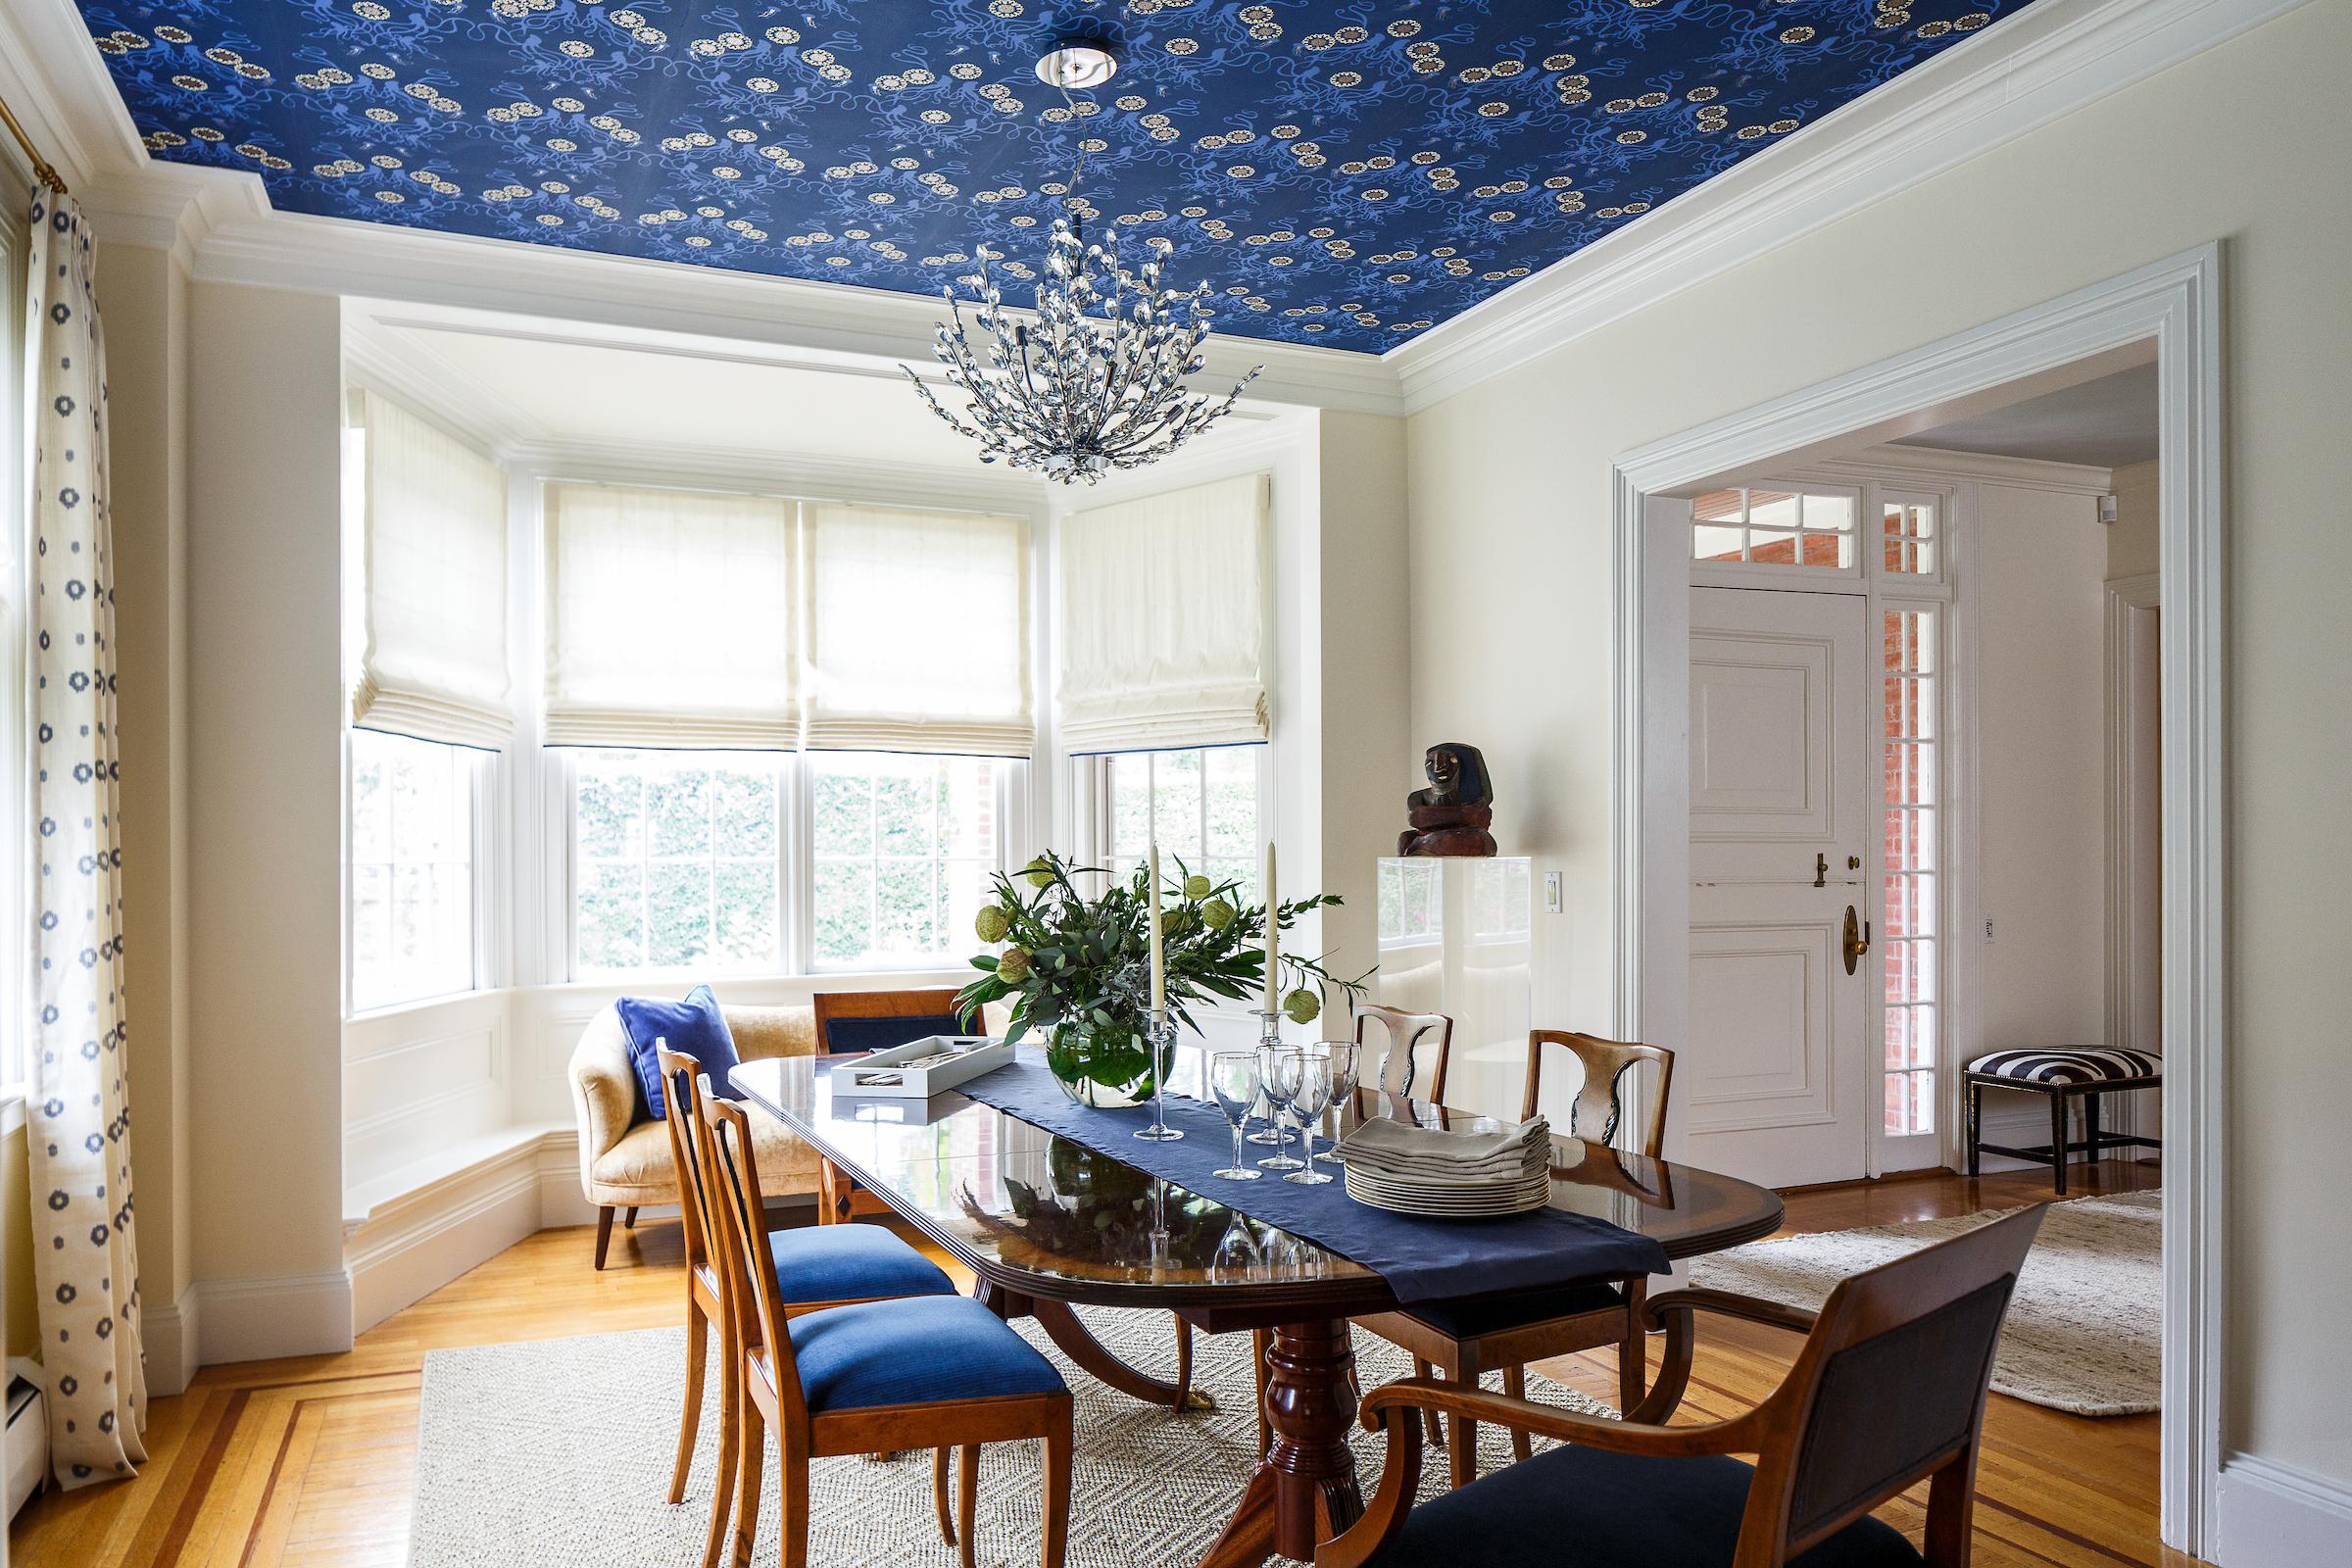 Scs.design.portfolio.interiors.dining.1504311232.4785376